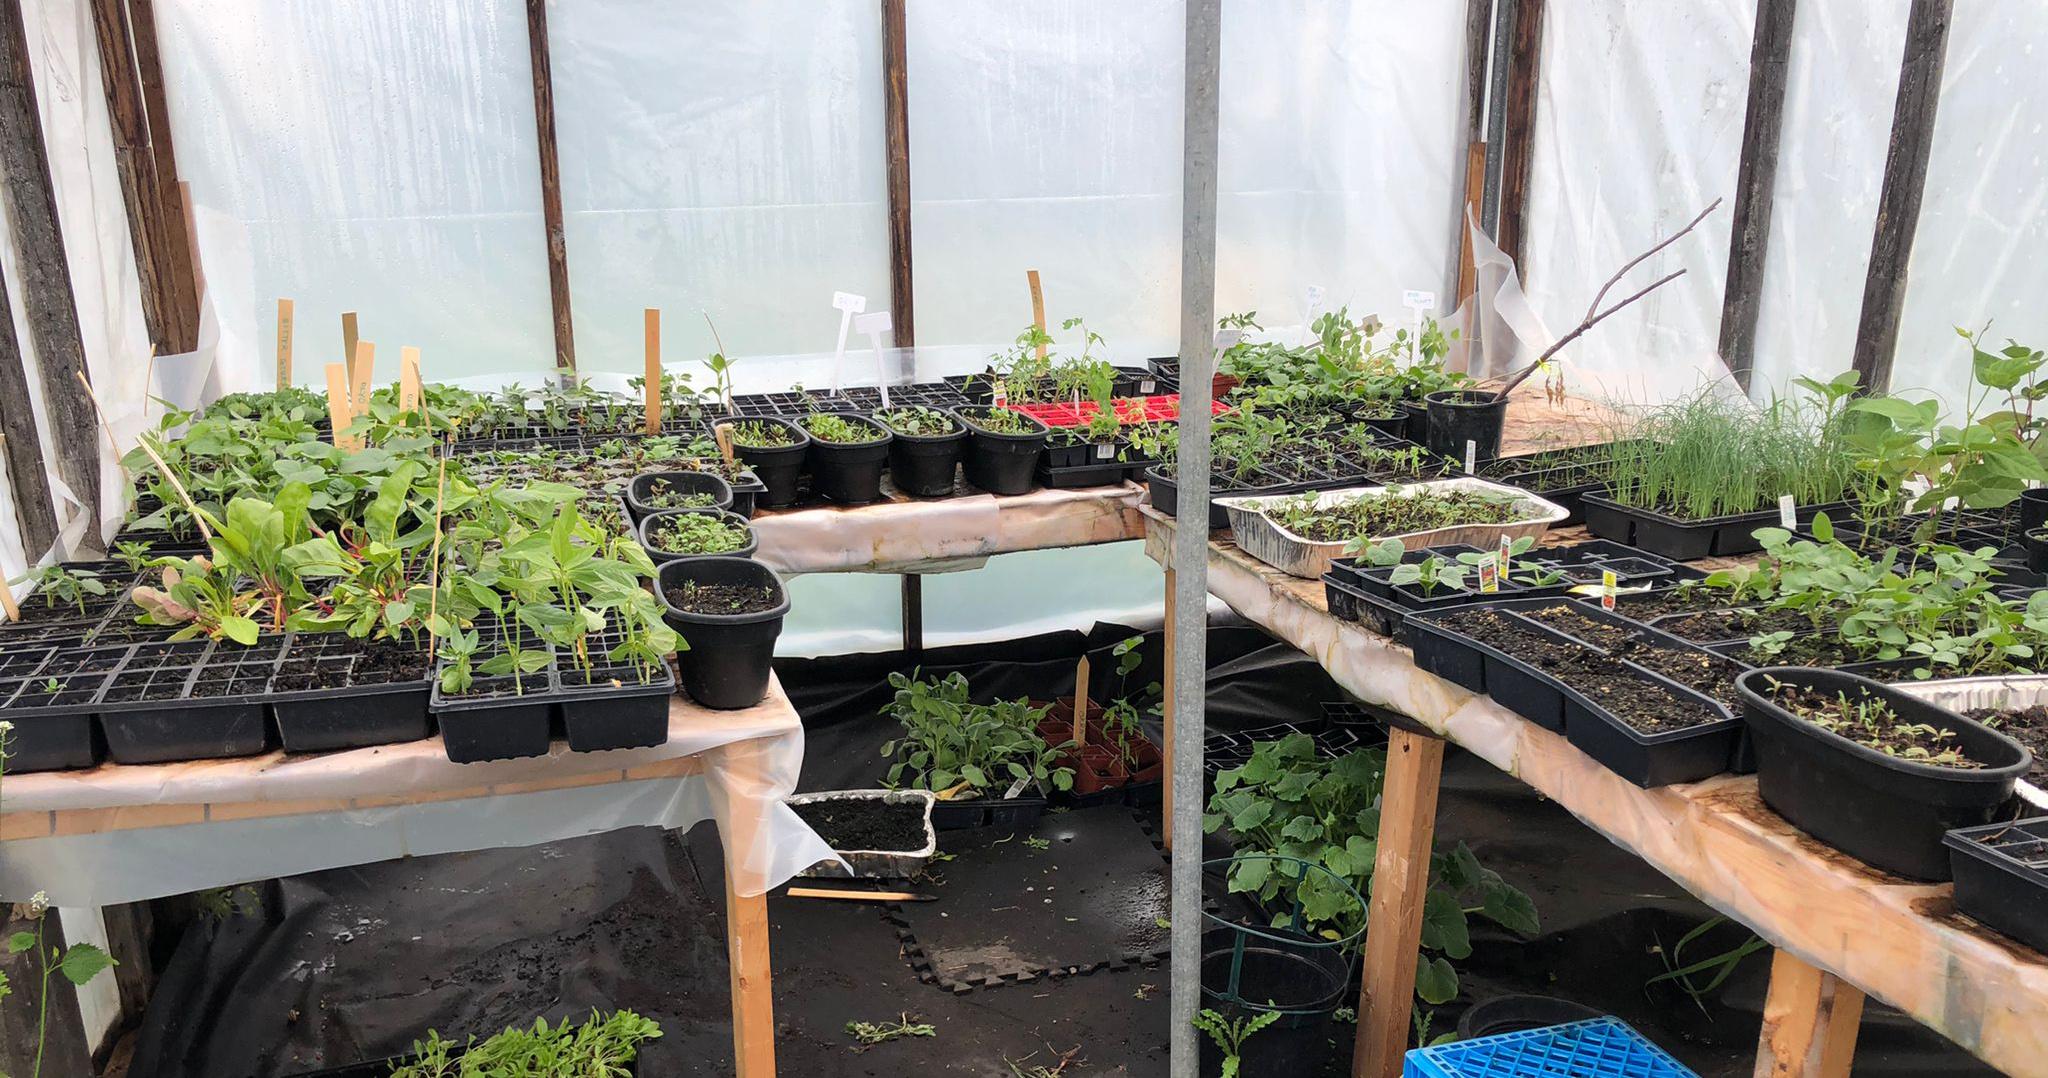 Veggie seedlings in the greenhouse